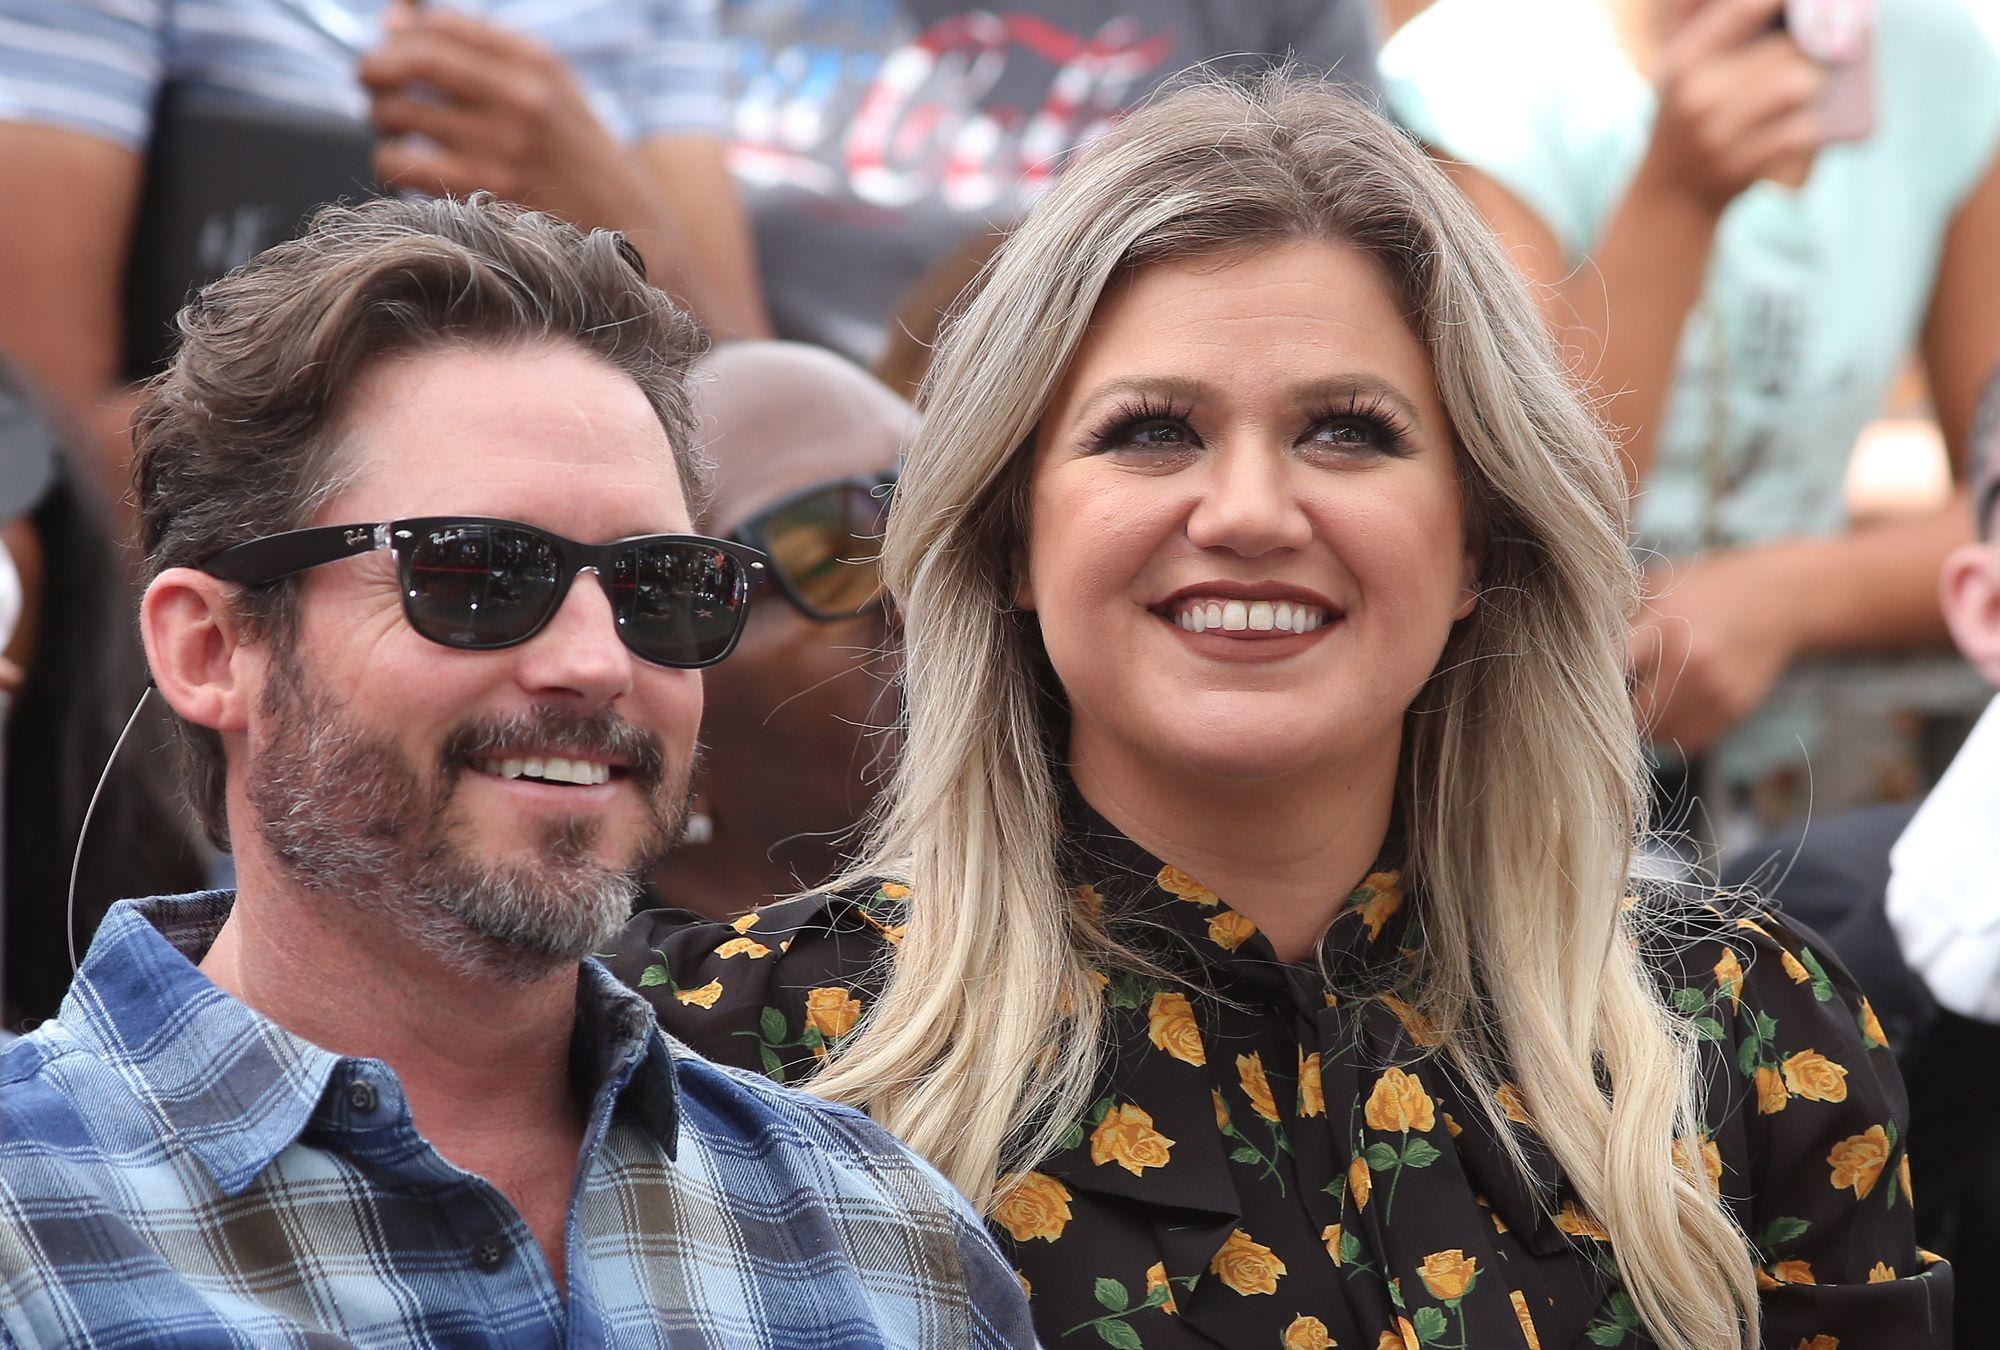 Kelly Clarkson își acuză soțul că i-ar fi furat milioane din cont. Dezvăluirile făcute după anunțul că vrea să divorțeze